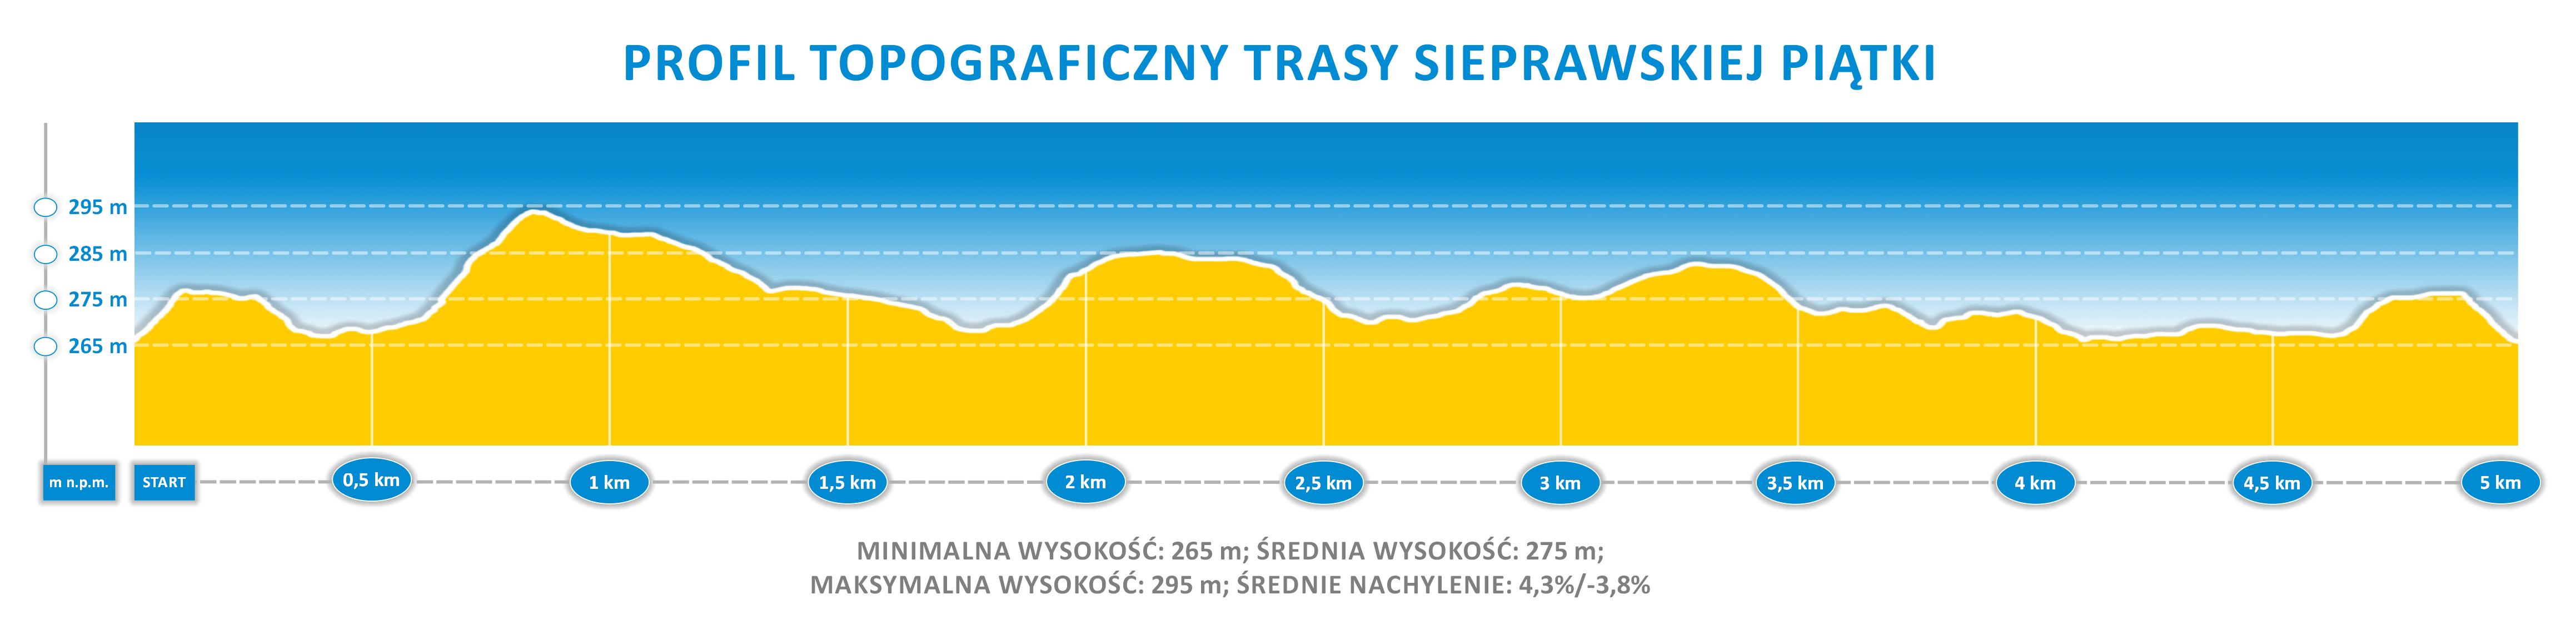 Sieprawska Piątka - profil topograficzny